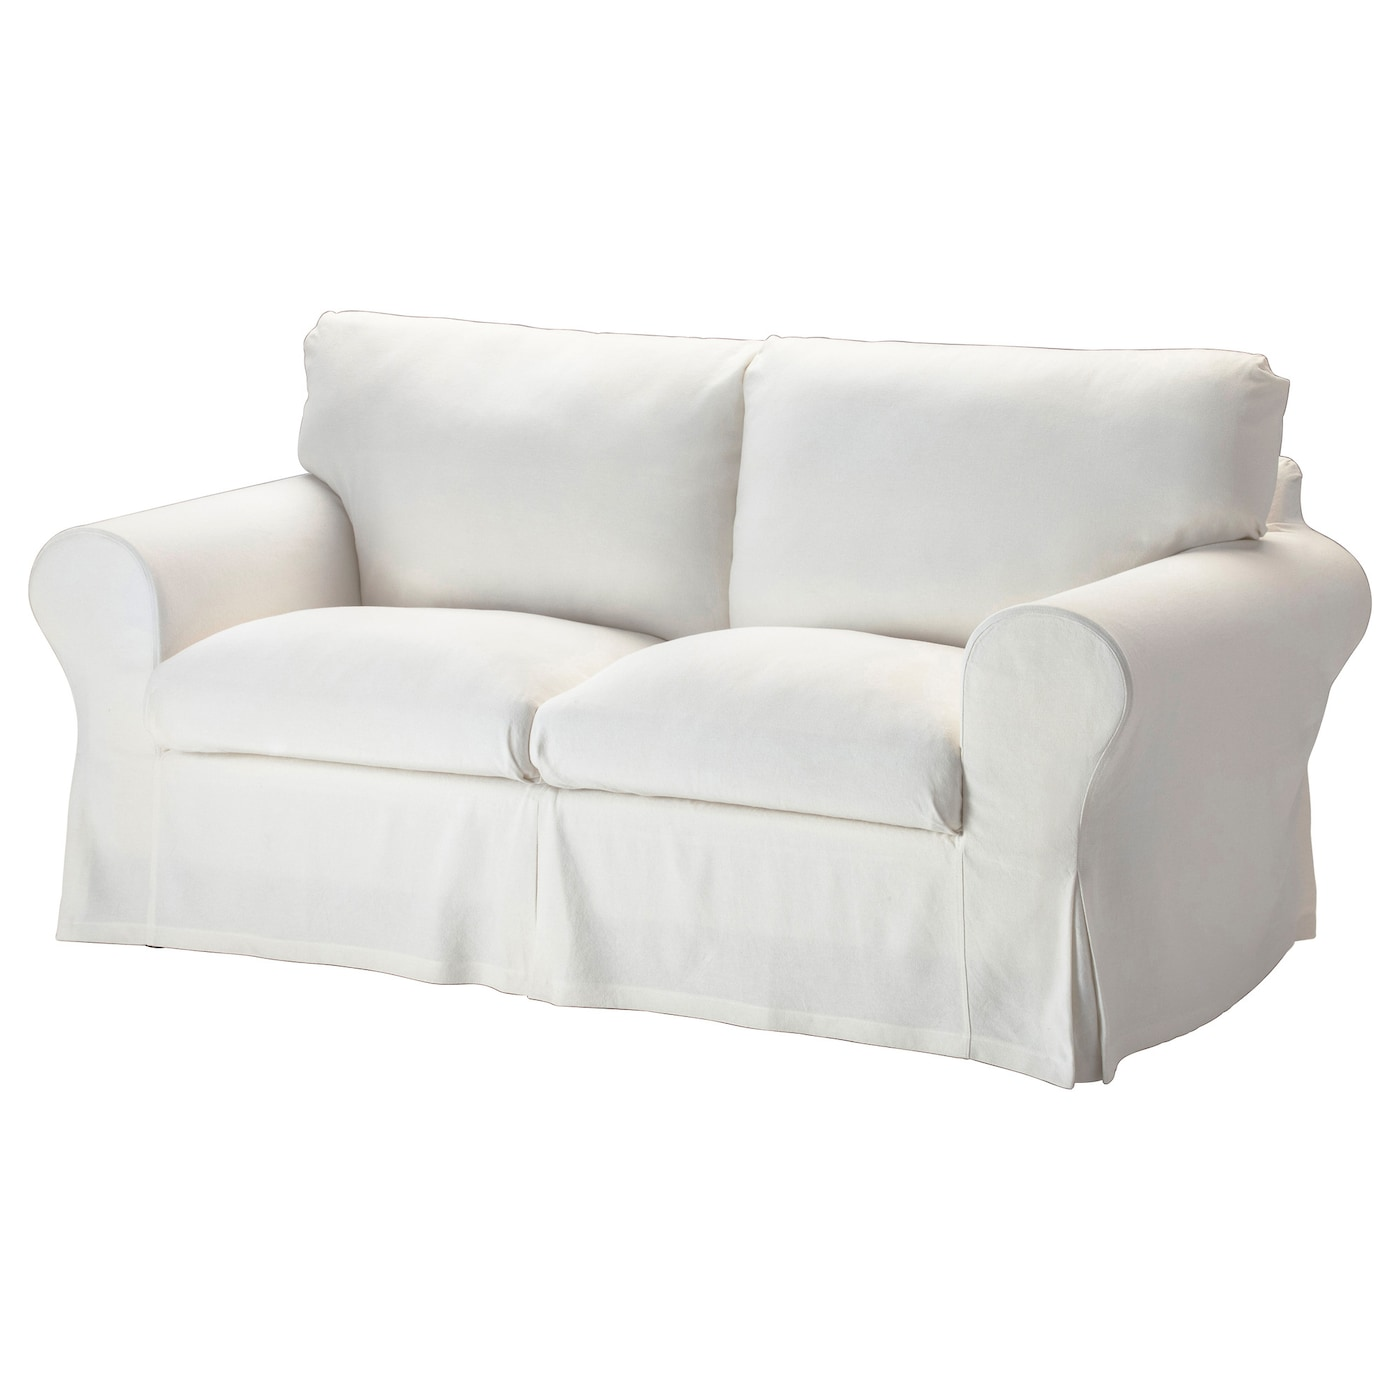 l tkov pohovky katalog 2016 n bytek online 22 str nka. Black Bedroom Furniture Sets. Home Design Ideas